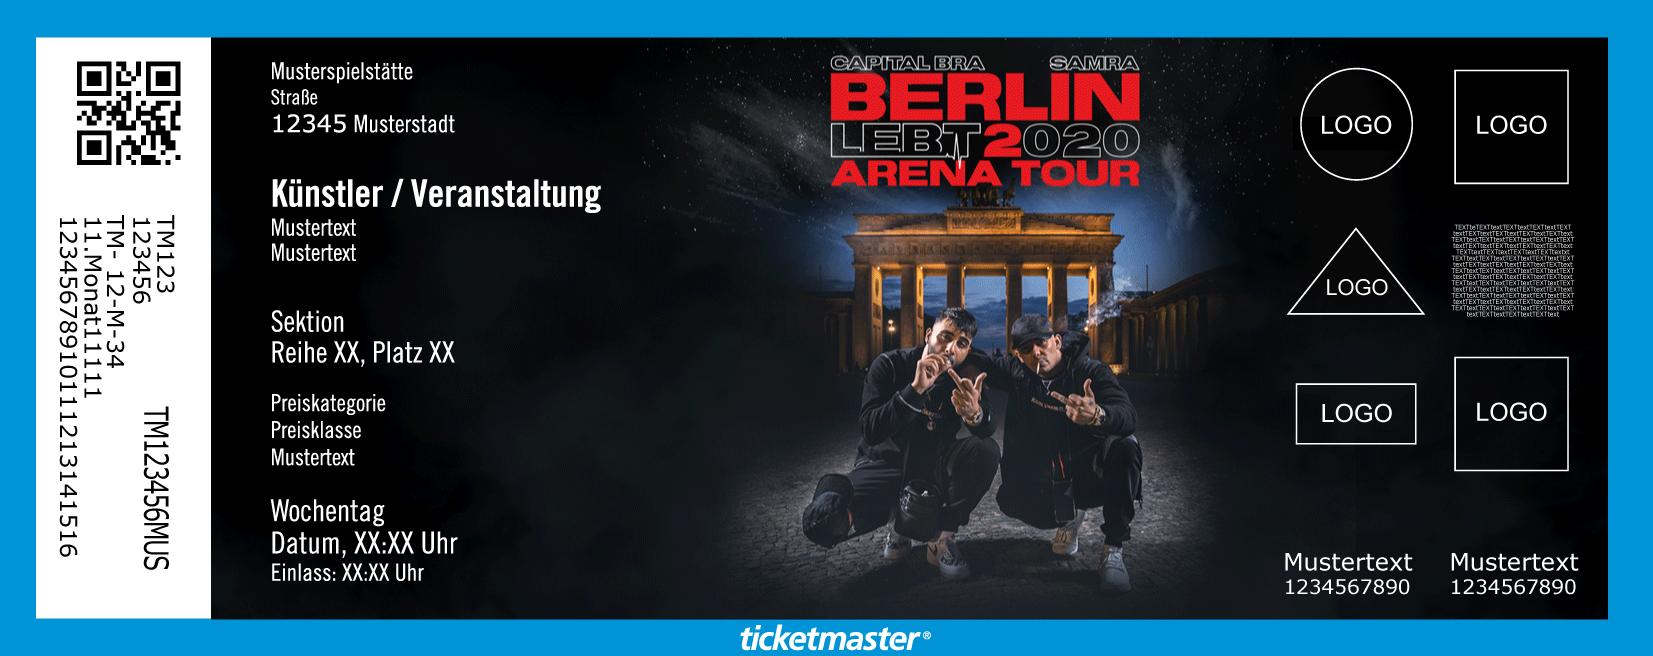 berlin konzerte 2020